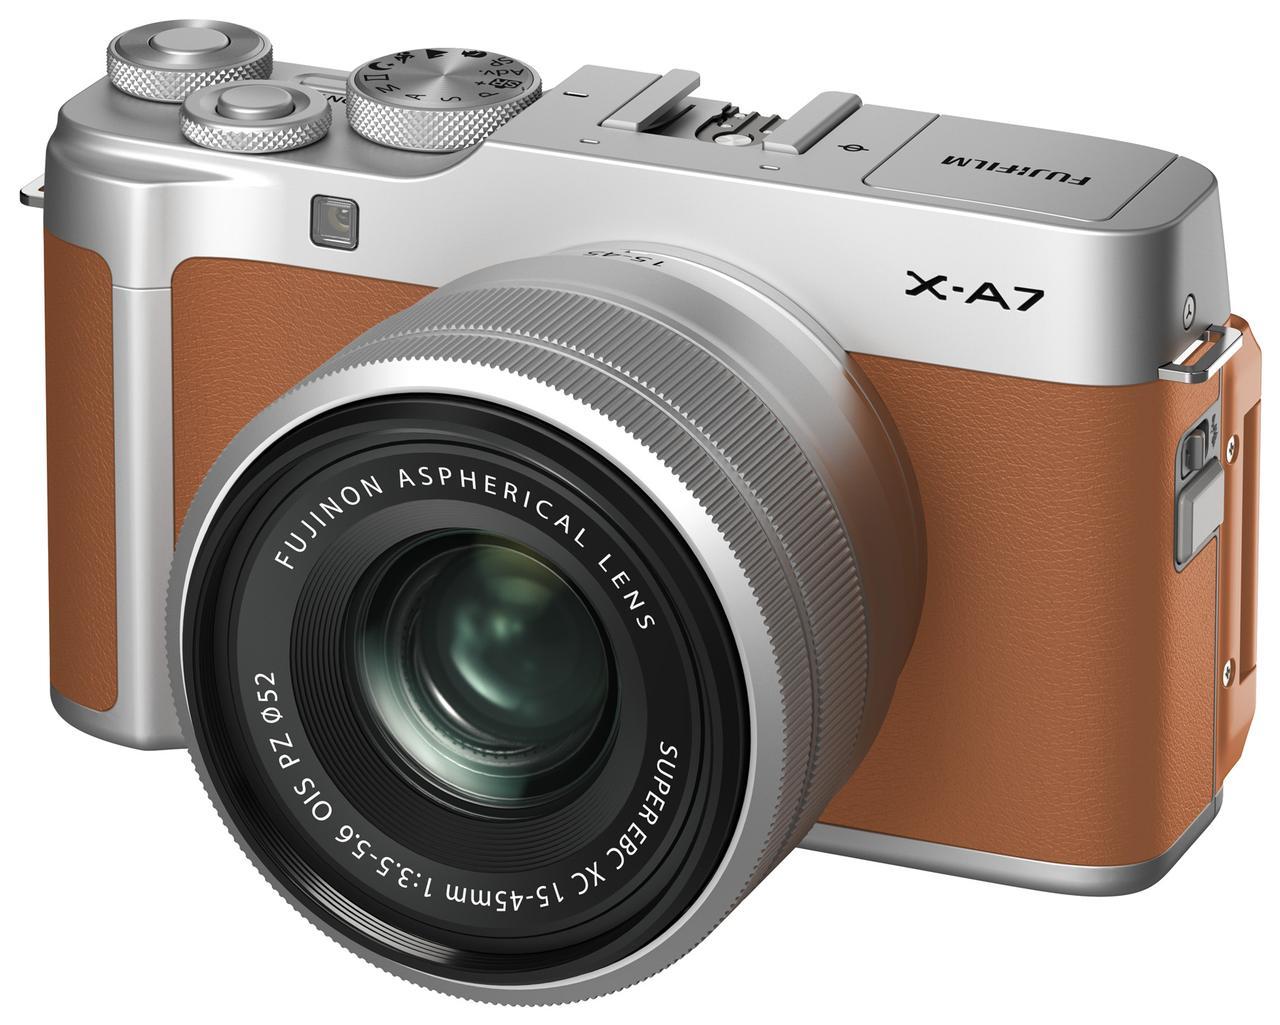 画像: X-A7キャメル。カラーはシルバーのほかにキャメルの2色